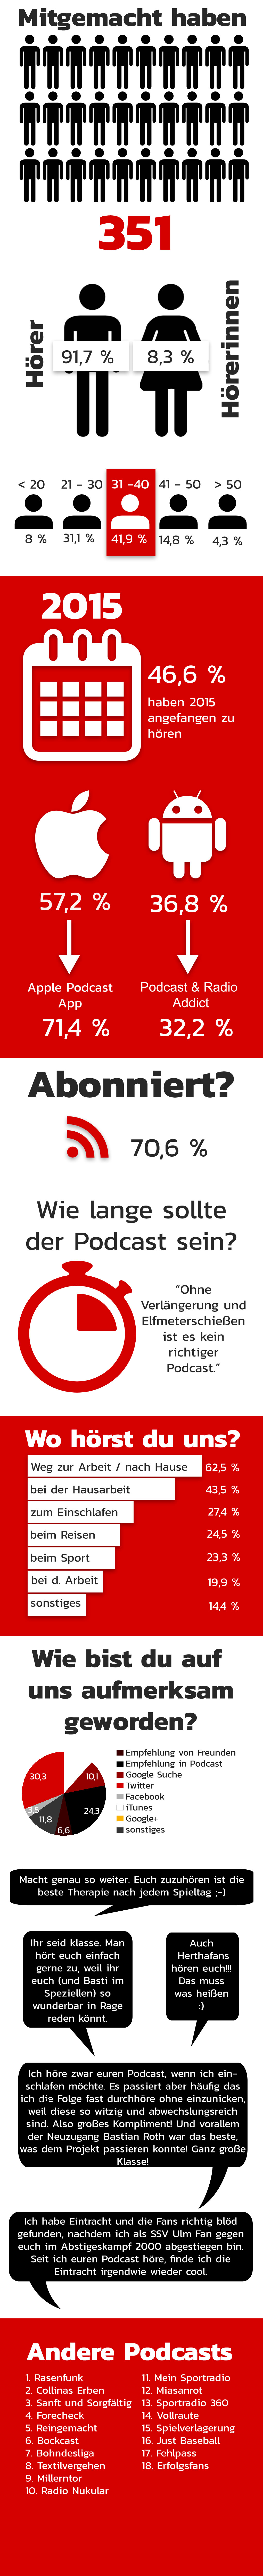 Die Ergebnisse der Eintracht Podcast Hörerumfrage